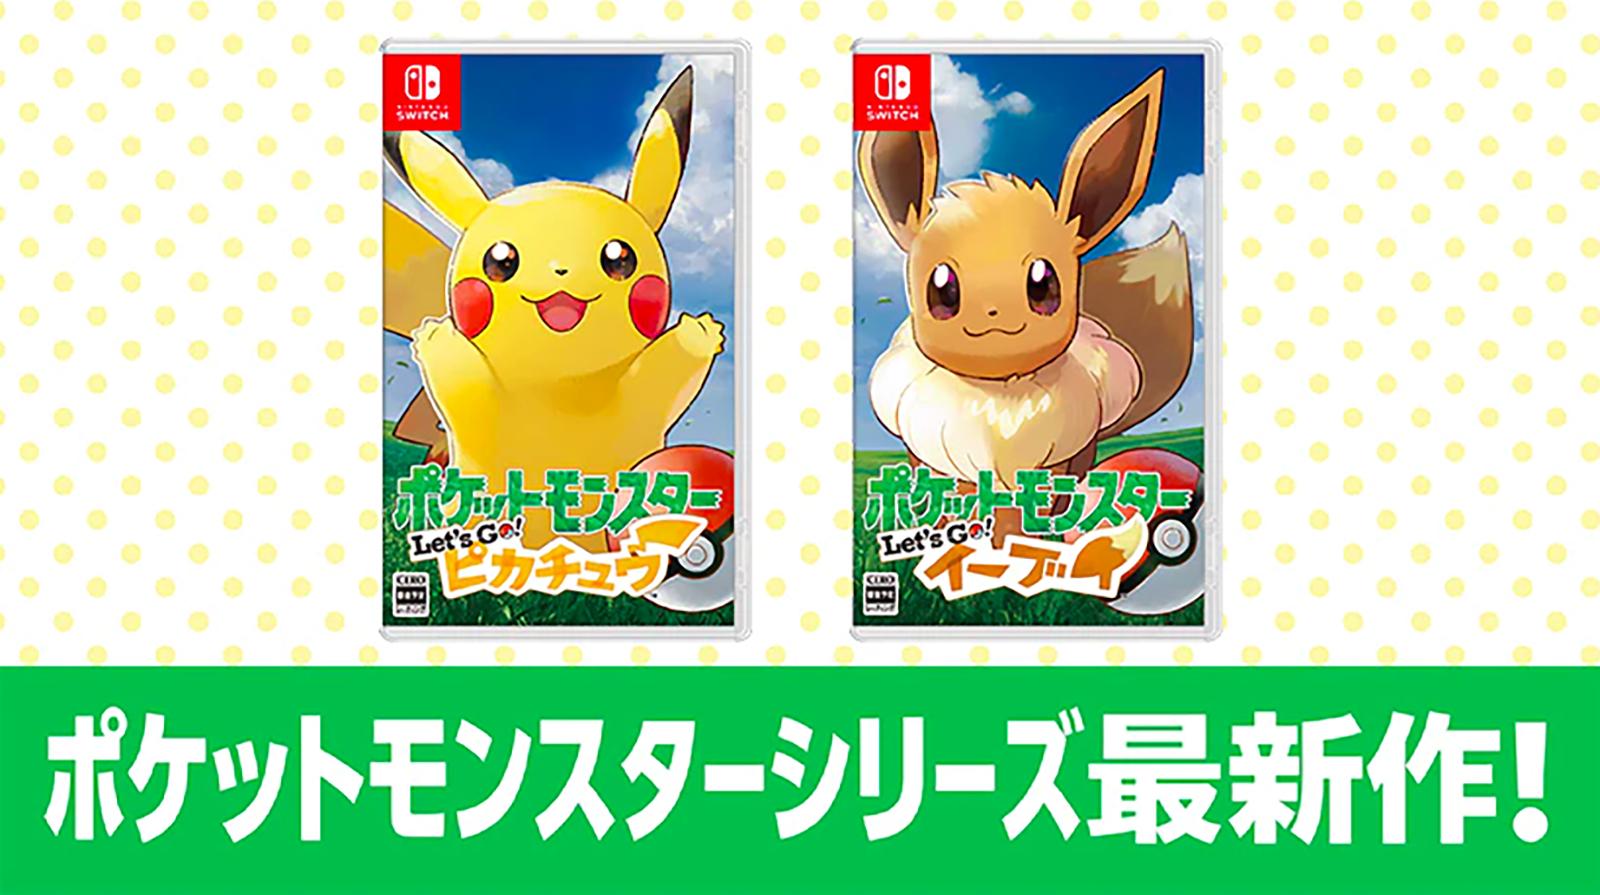 《Pokémon Let's Go》登陆 Switch,可与手机的《Pokémon Go》联动!